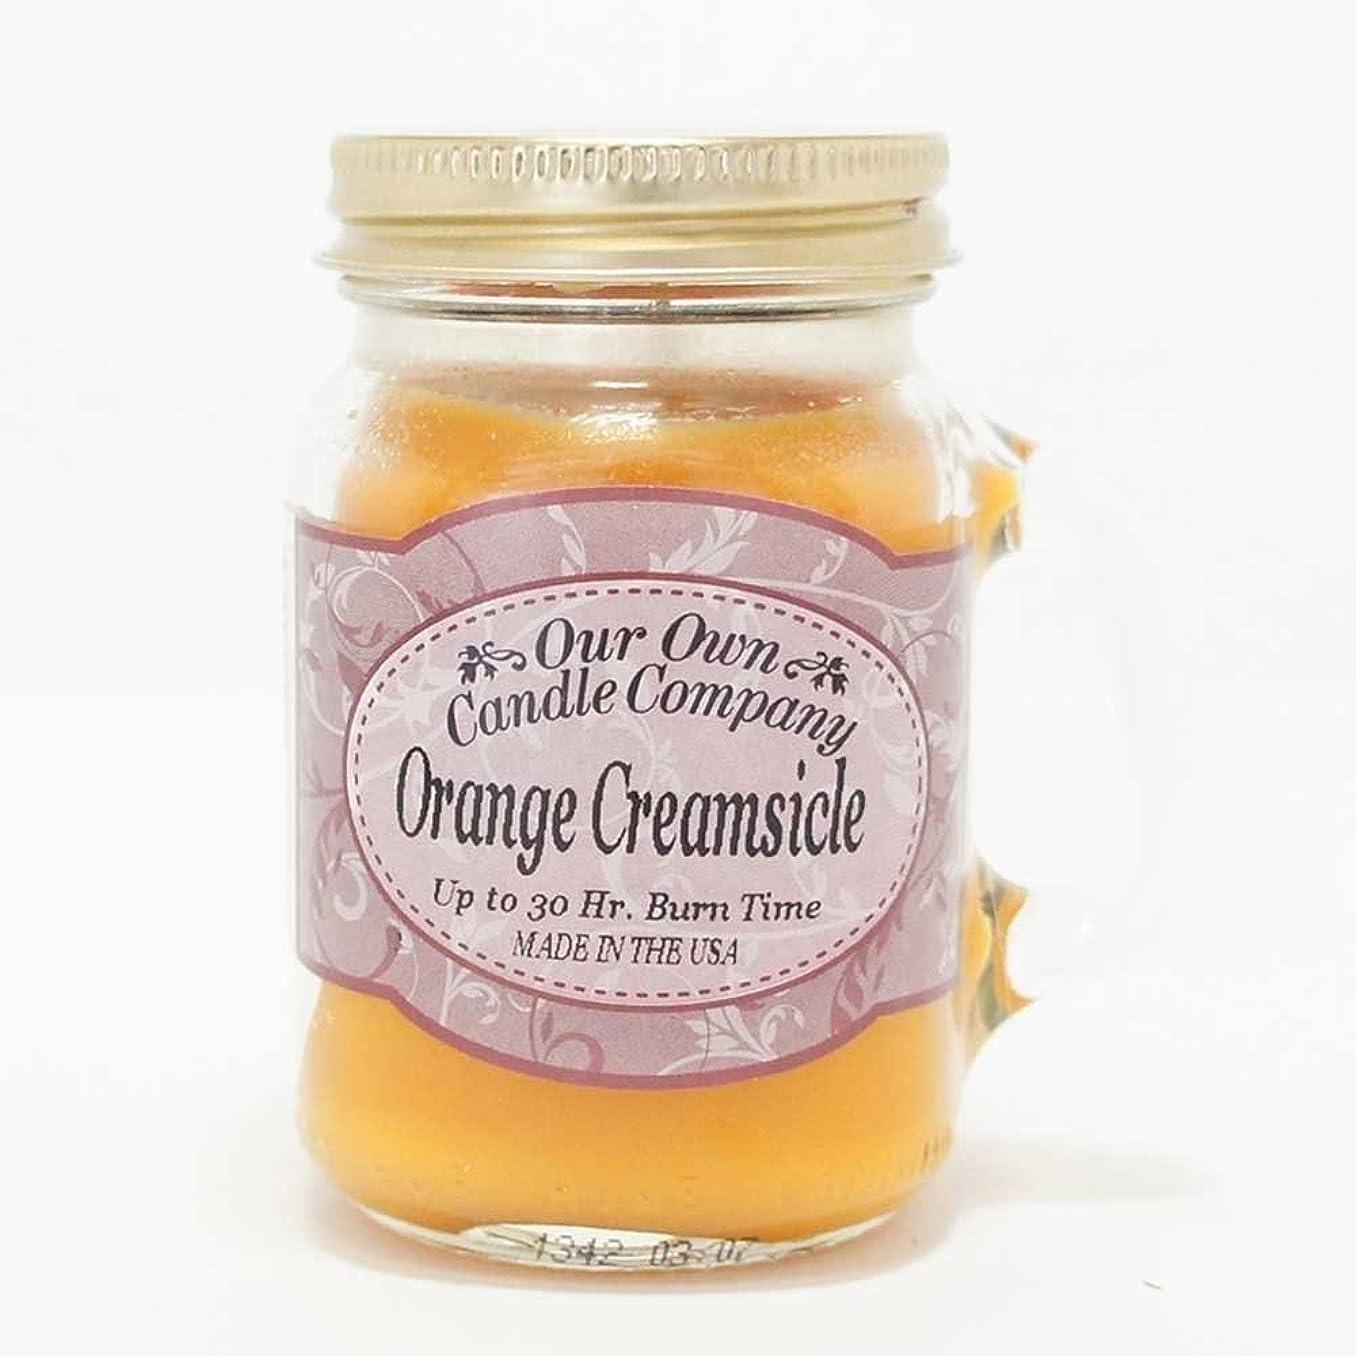 忌避剤化合物メドレーOur Own Candle Company メイソンジャーキャンドル ミニサイズ オレンジクリームシルク OU200085